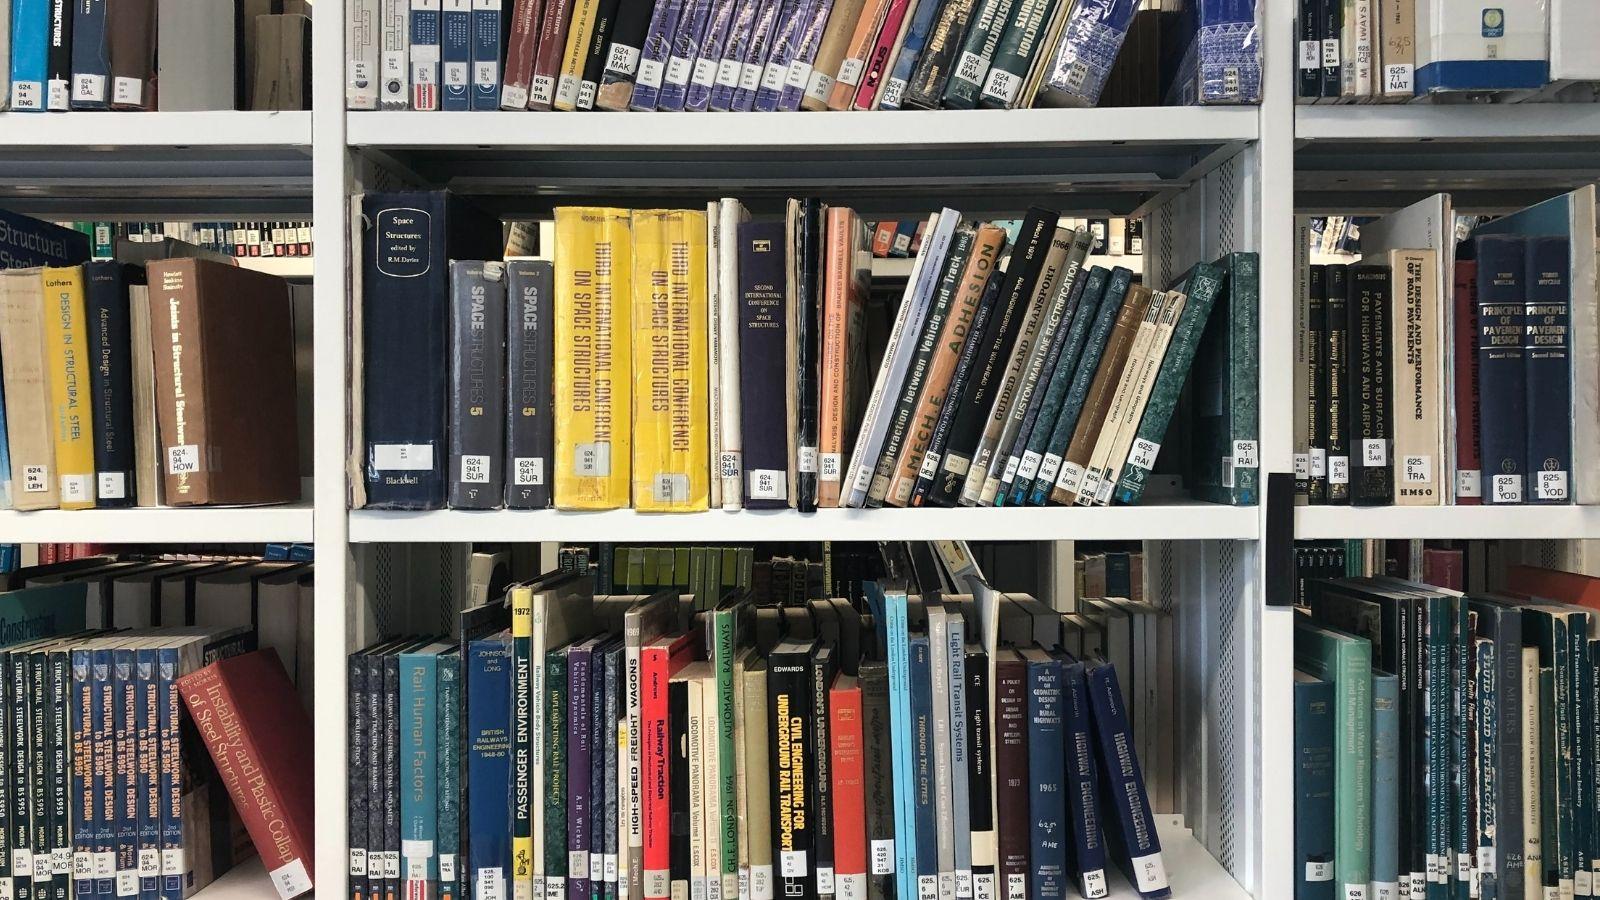 Library books on bookshelves